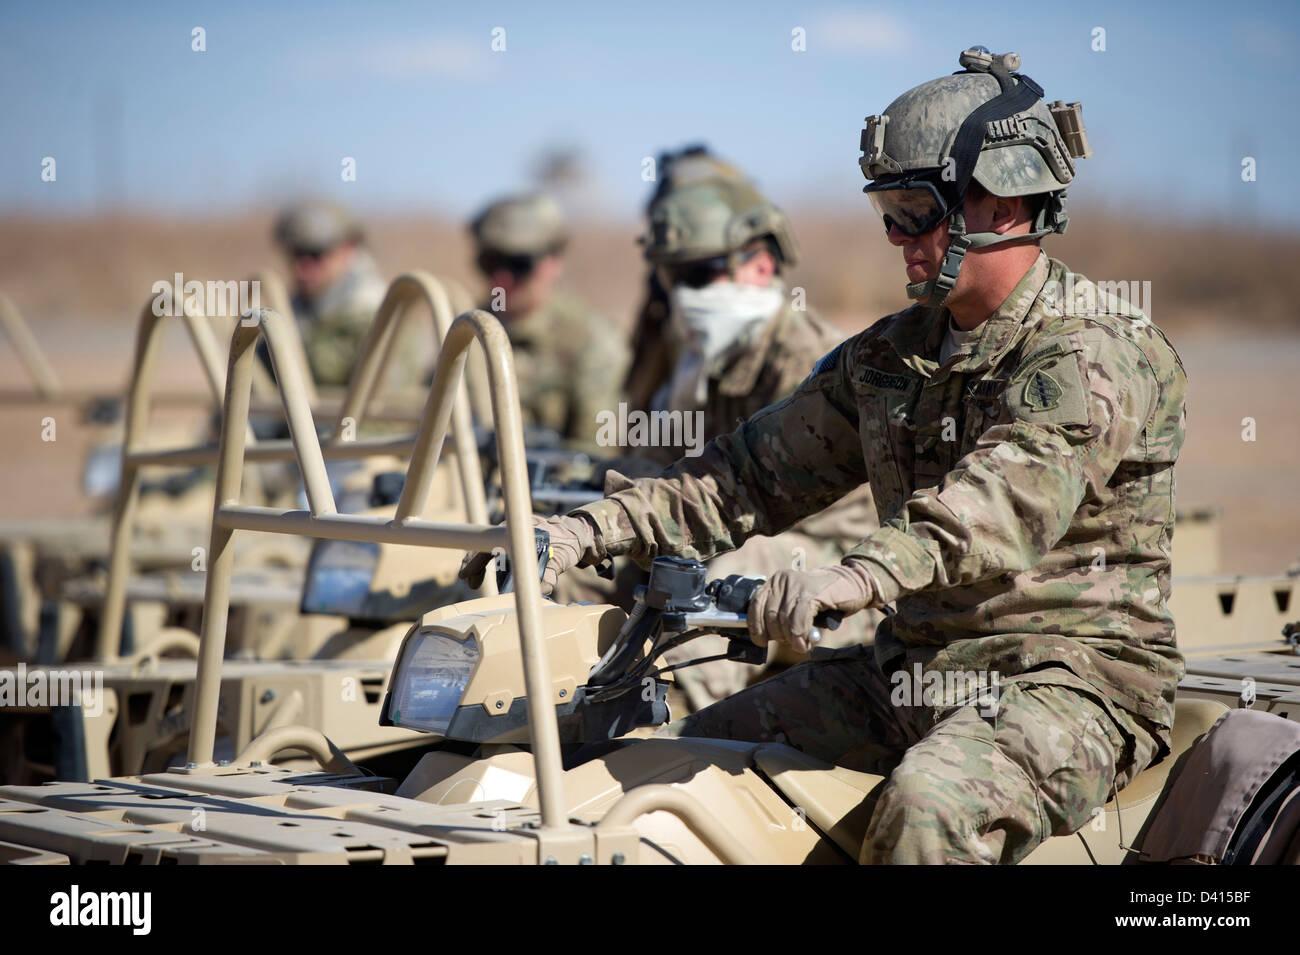 Noi Berretto verde delle forze speciali militari eseguire off-road con  manovre tattiche di luce e088da697ef4